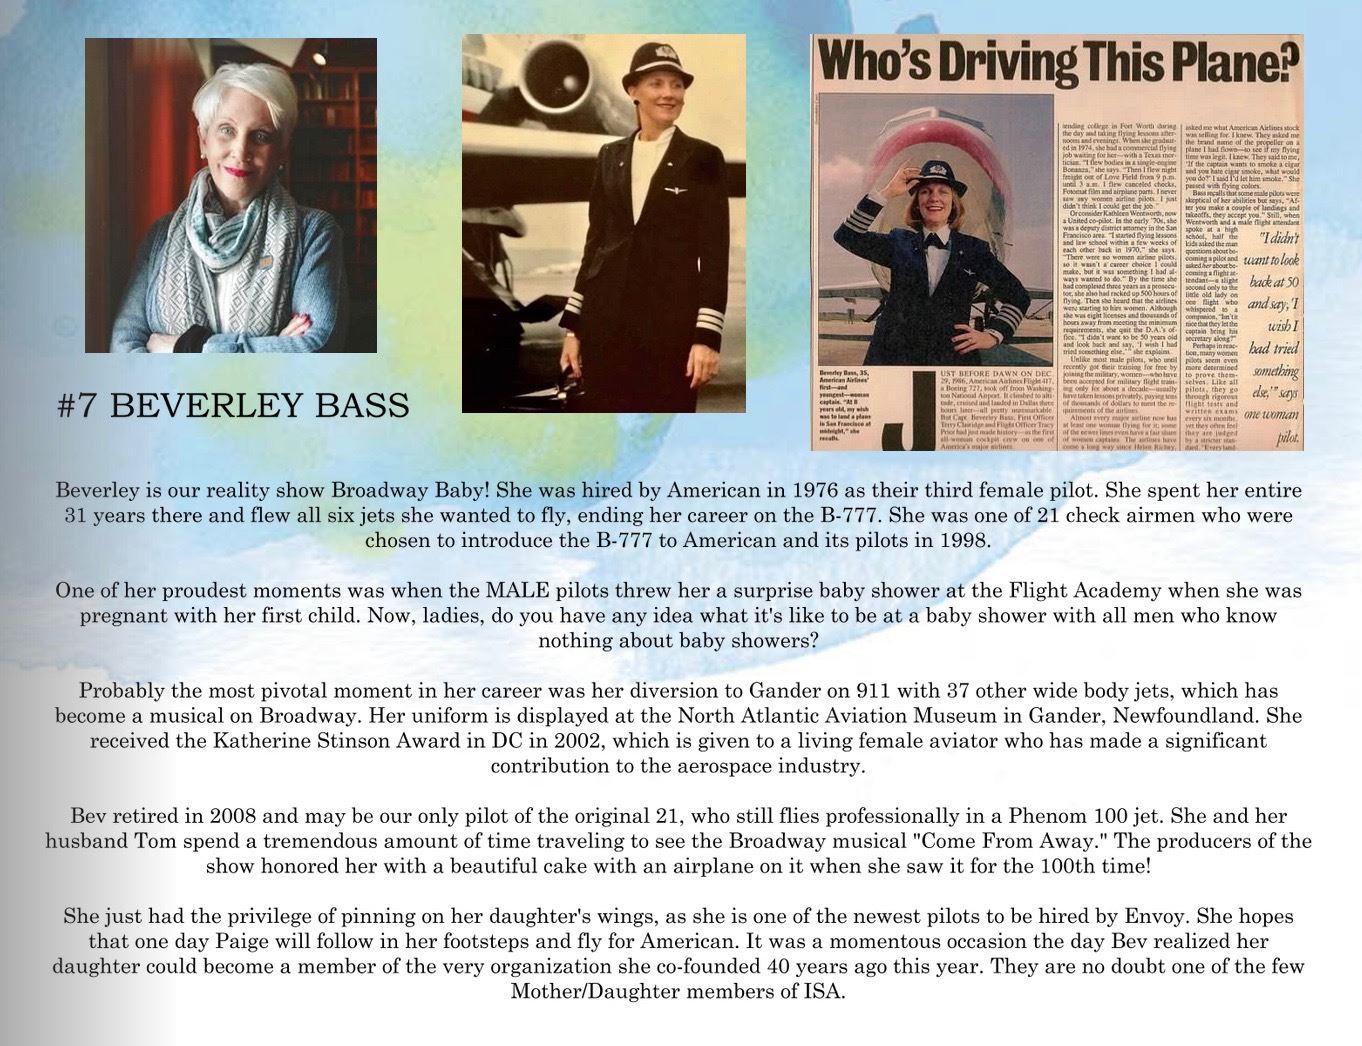 7. Beverley Bass